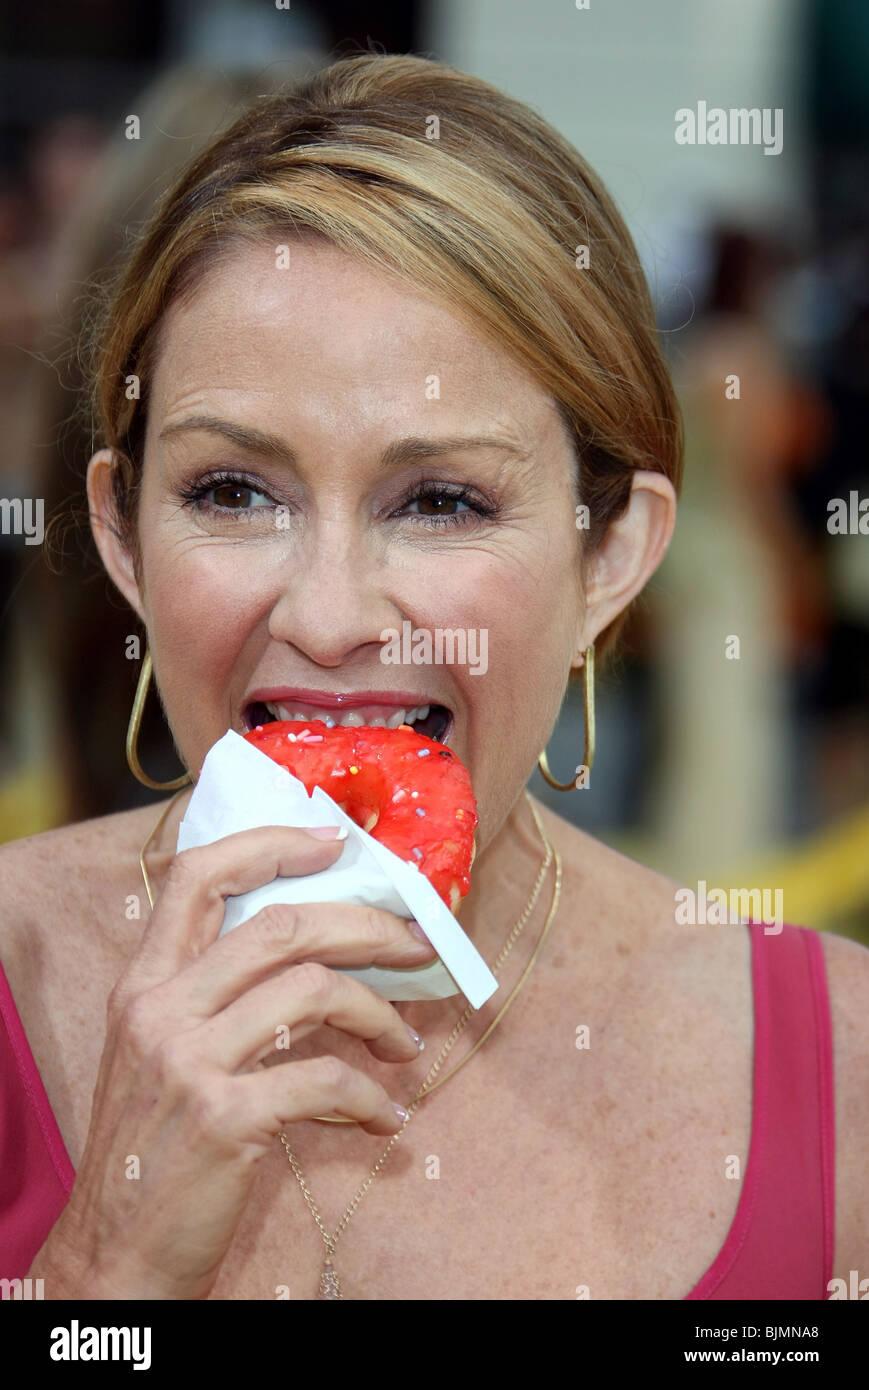 PATRICIA HEATON THE SIMPSONS MOVIE PREMIERE WESTWOOD LOS ANGELES USA 24. Juli 2007 Stockbild